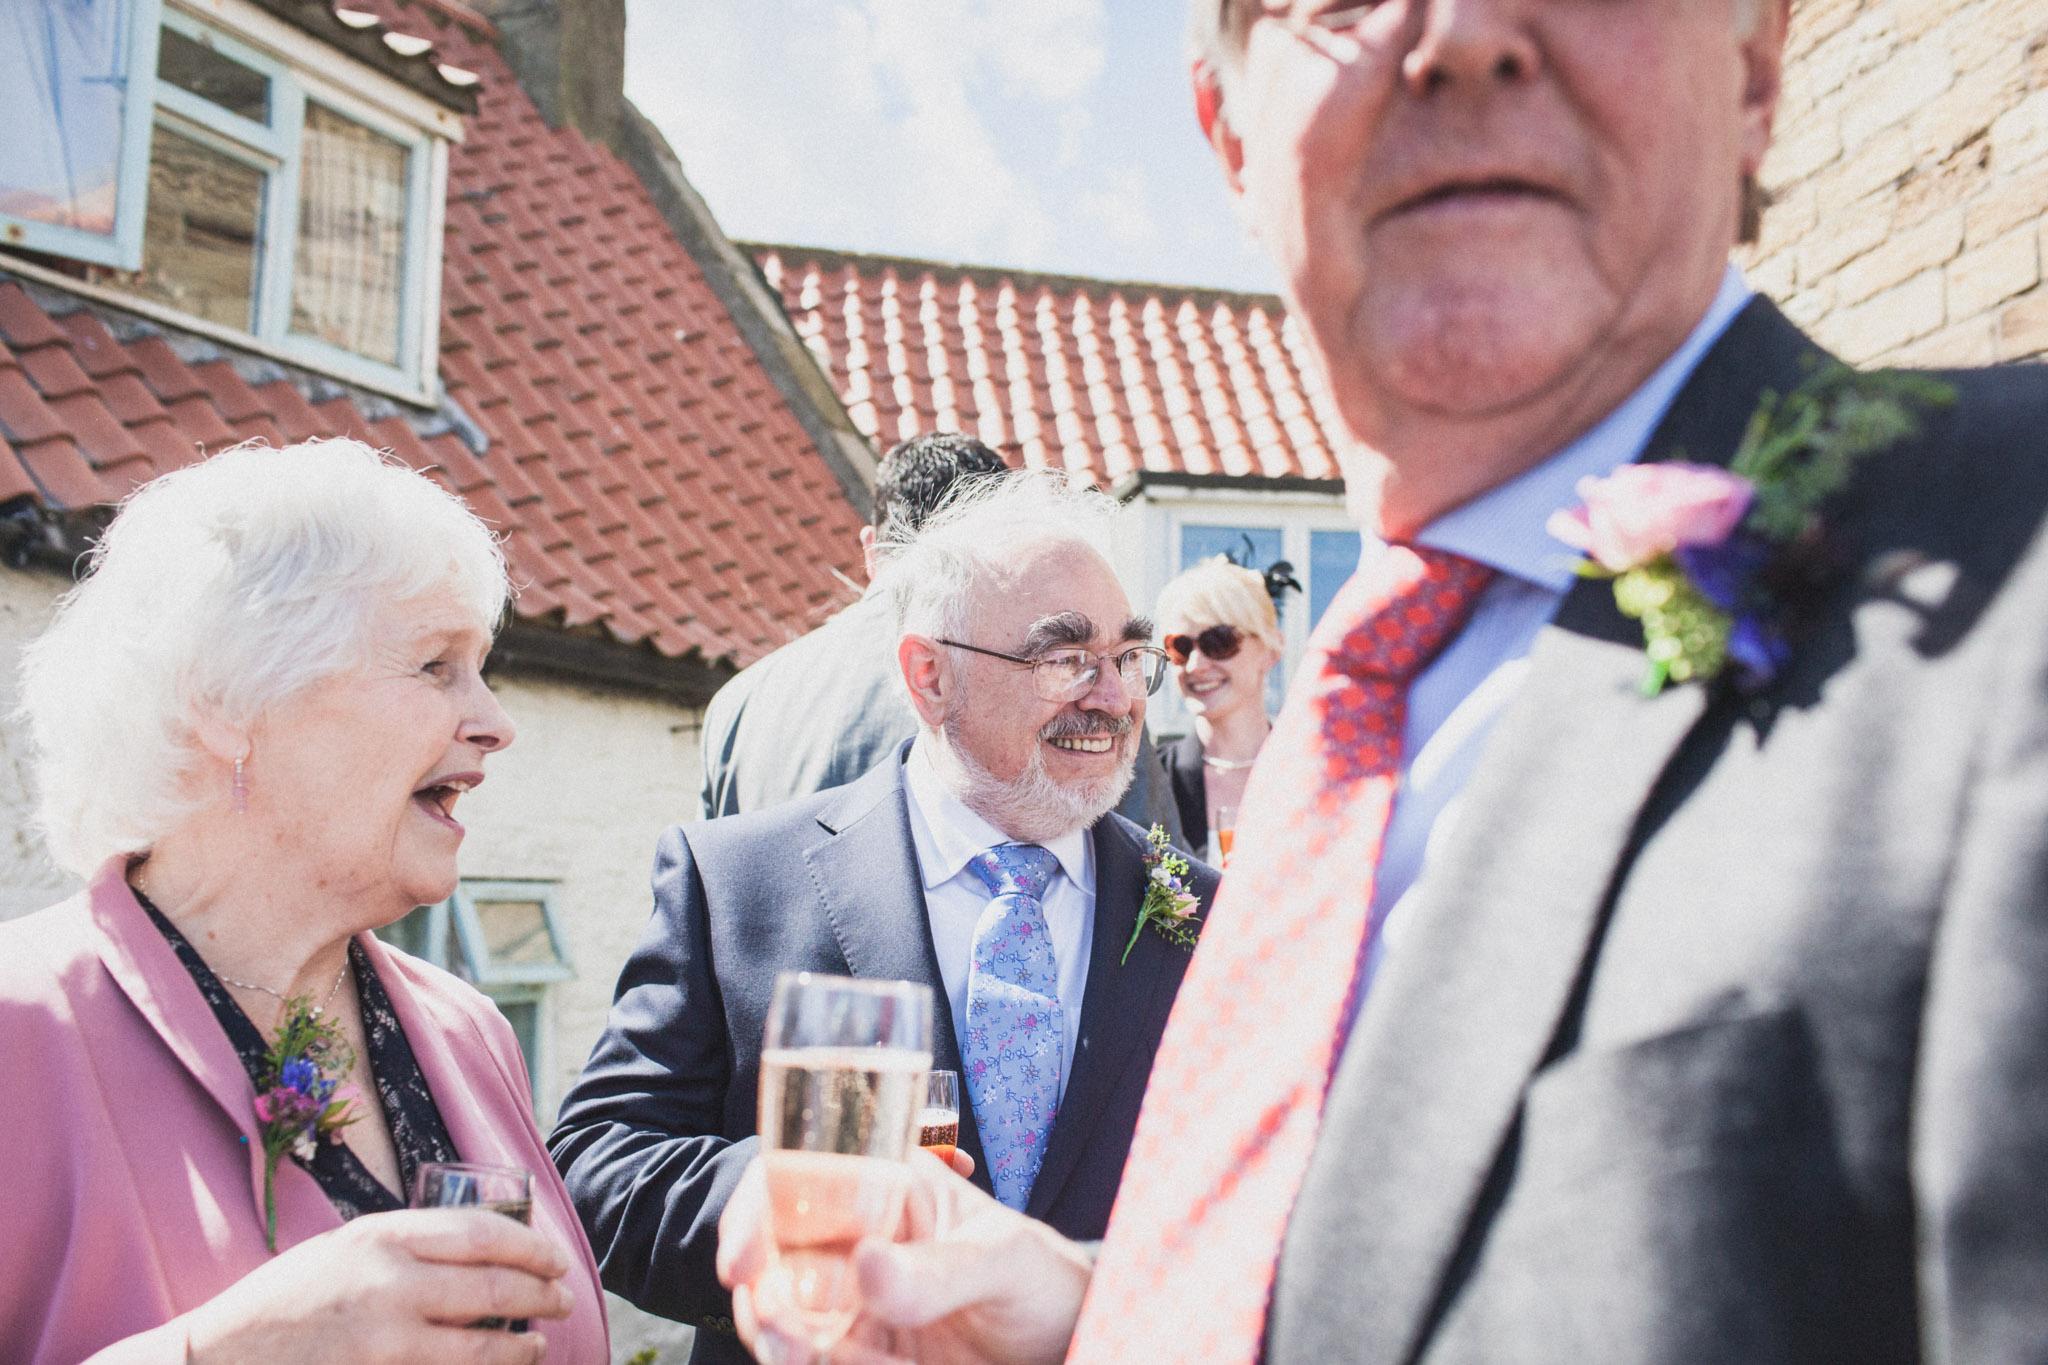 wedding_robin_hoods_bay_whitby_035.jpg